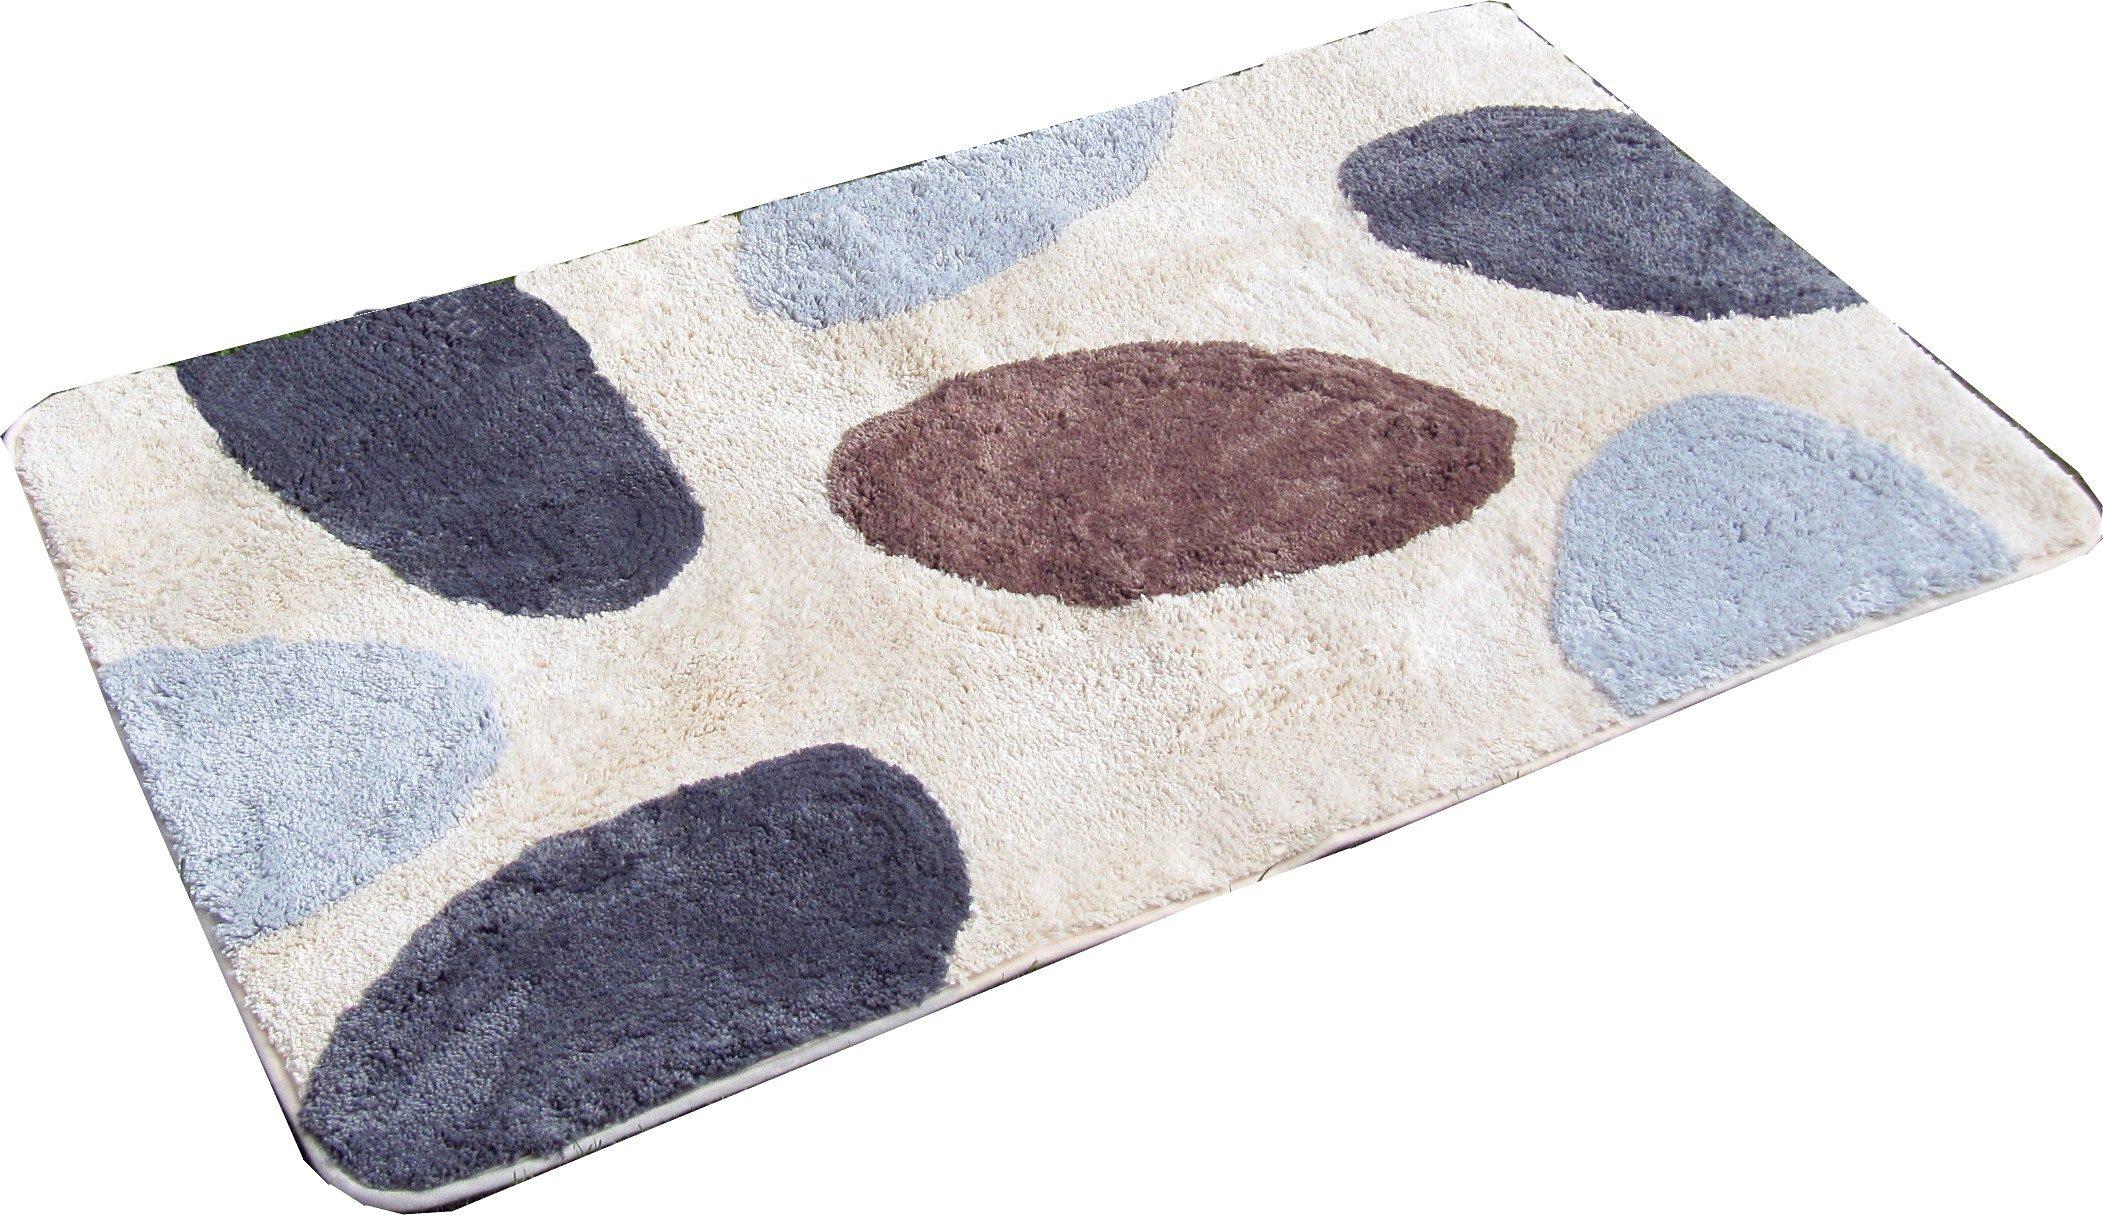 Badematte »Paterna1«, KiNZLER, Höhe 20 mm, rutschhemmend beschichtet, fußbodenheizungsgeeignet | Bad > Badgarnituren > Badvorleger | Mikrofaser | KINZLER